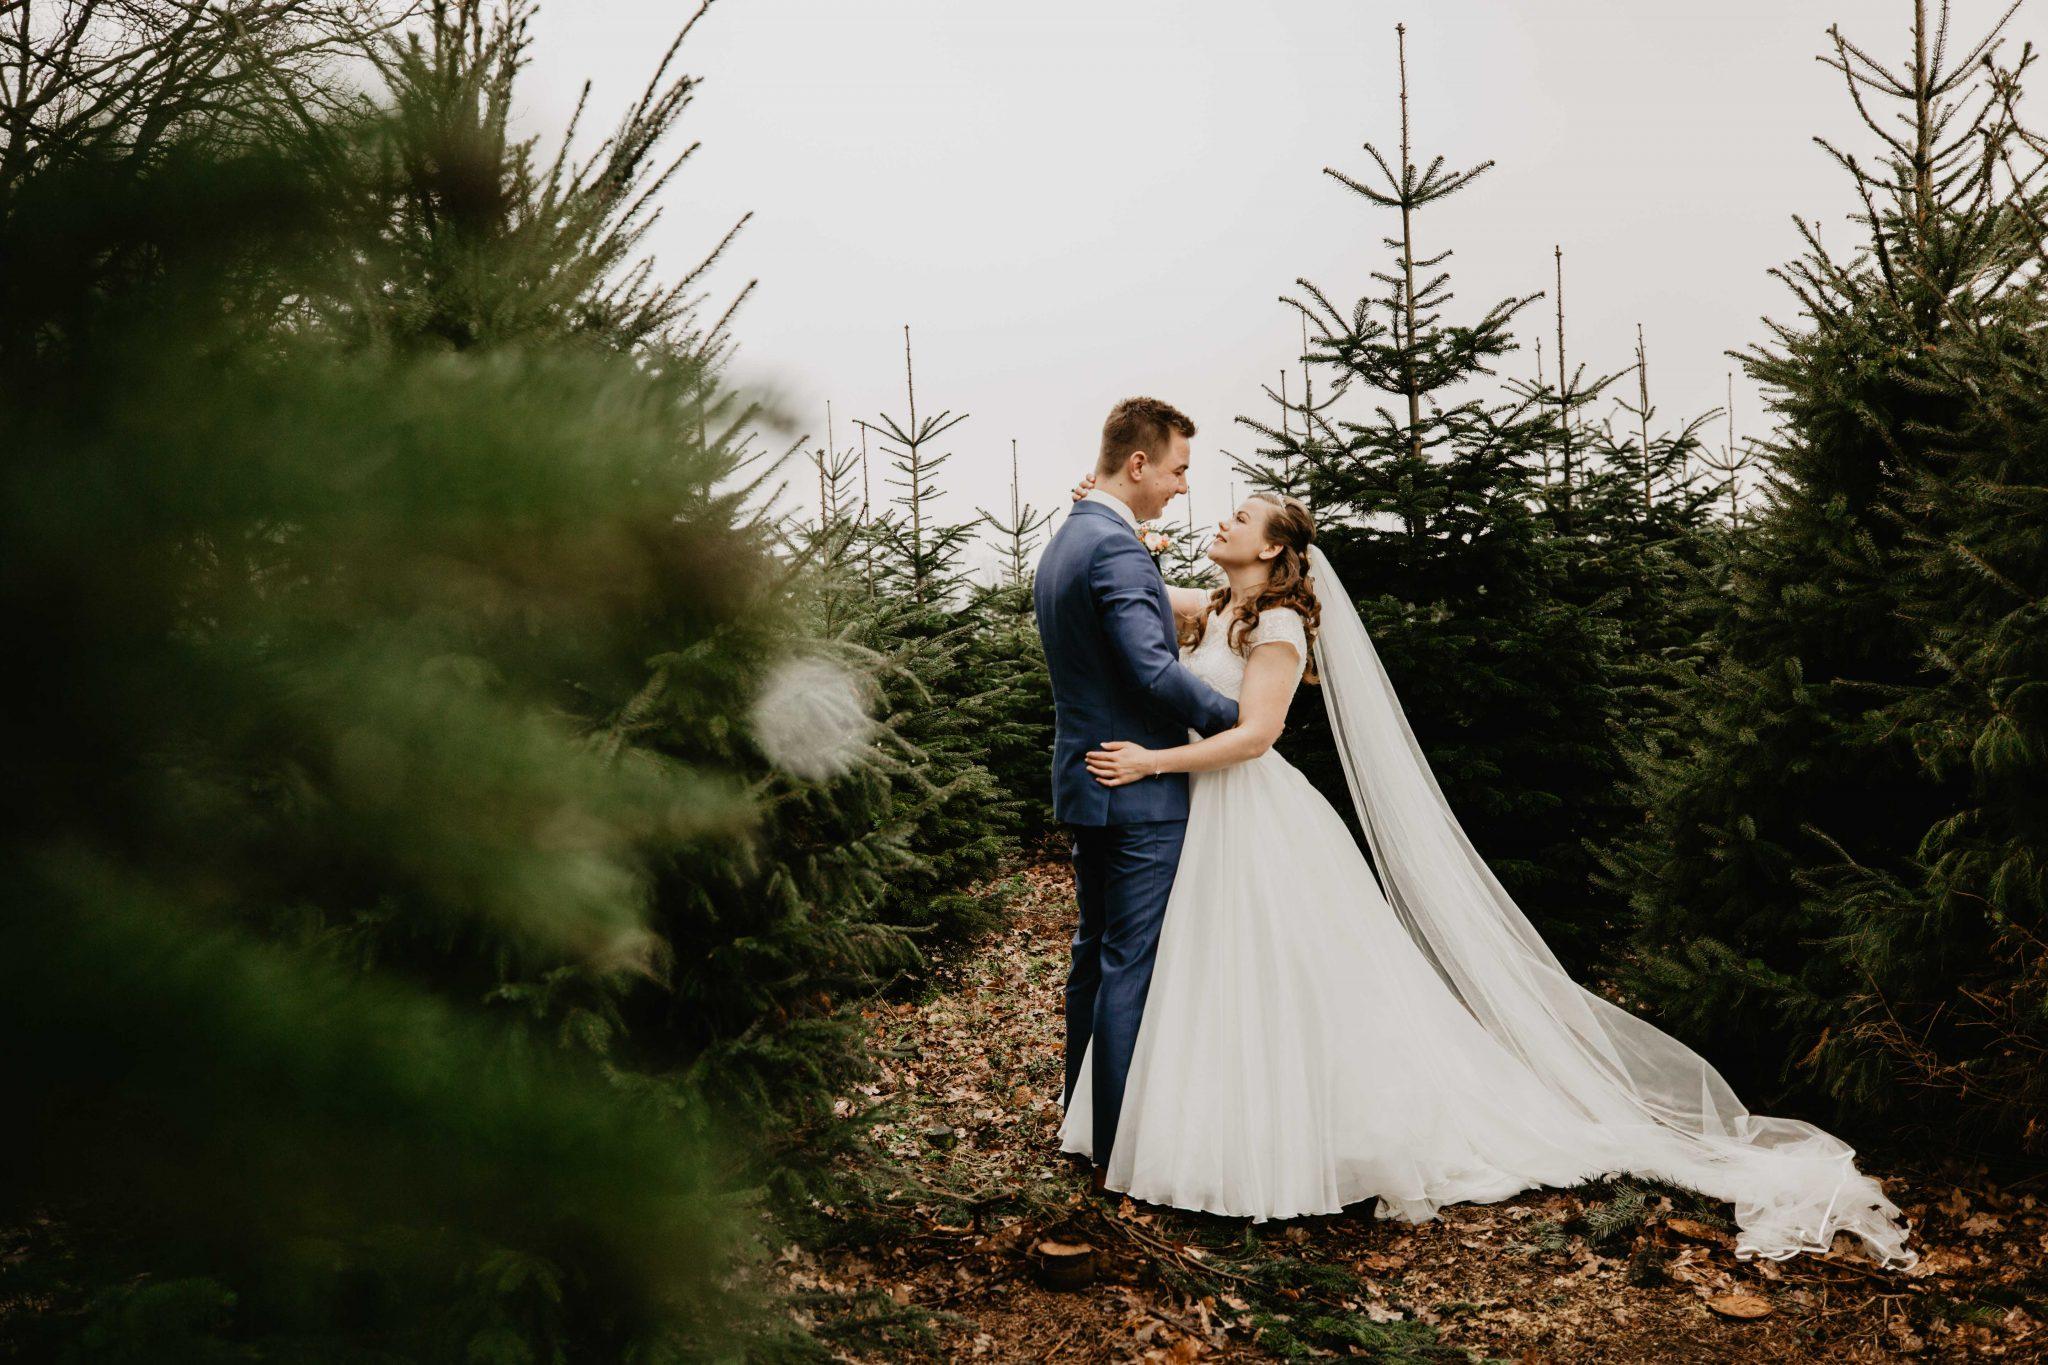 Trouwen in de winter, foto's maken in een dennenbos